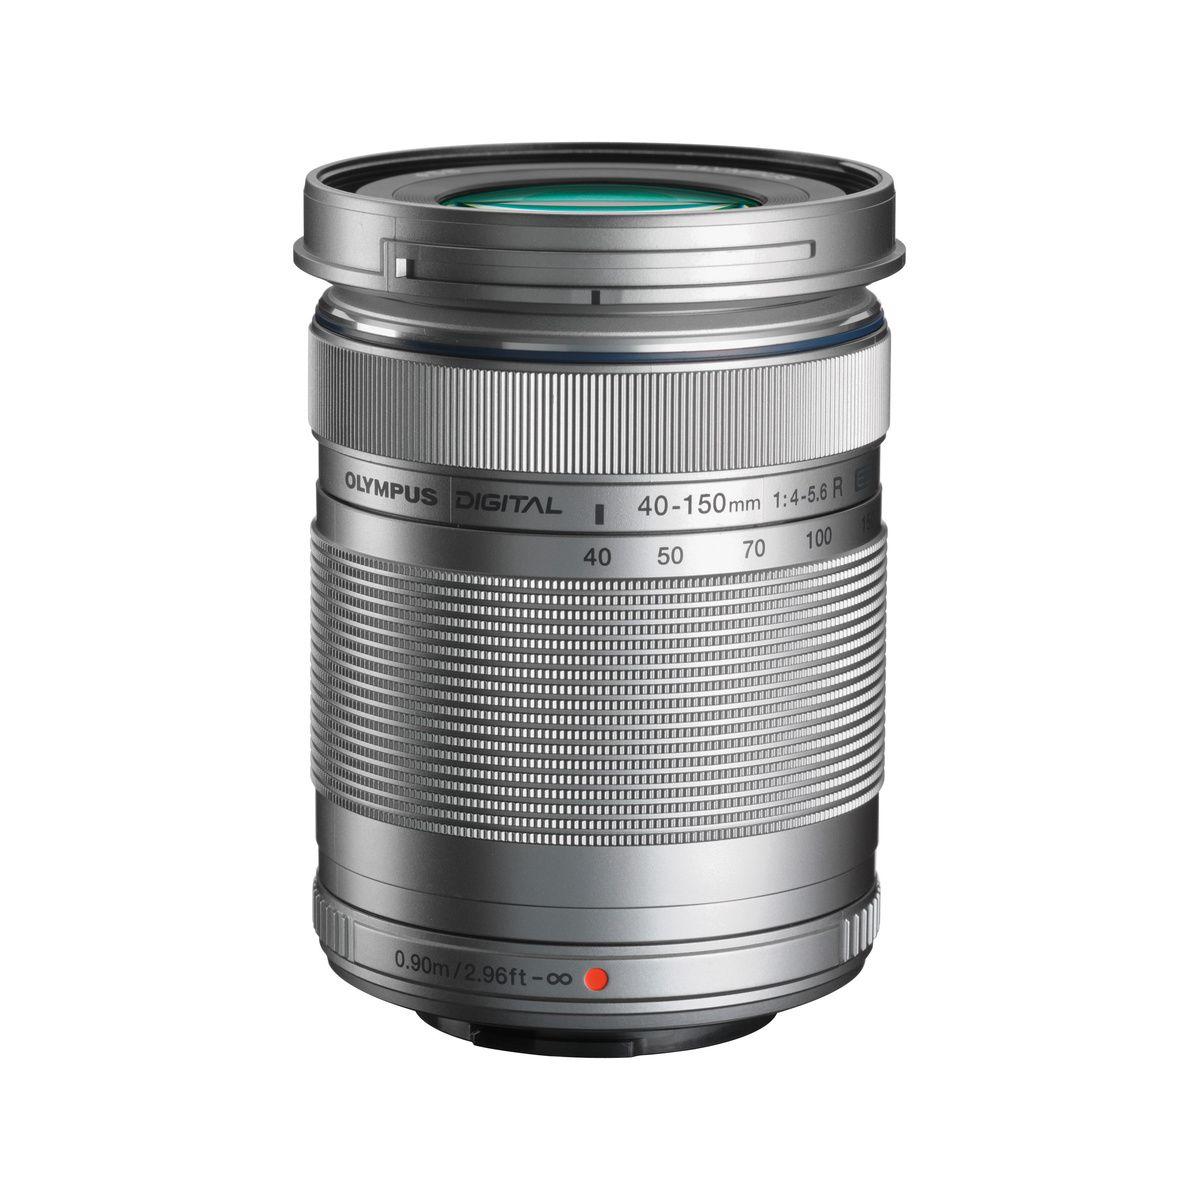 Objectif OLYMPUS Digital ED 40-150mm R f/4.0-5.6 silver M.Zuiko